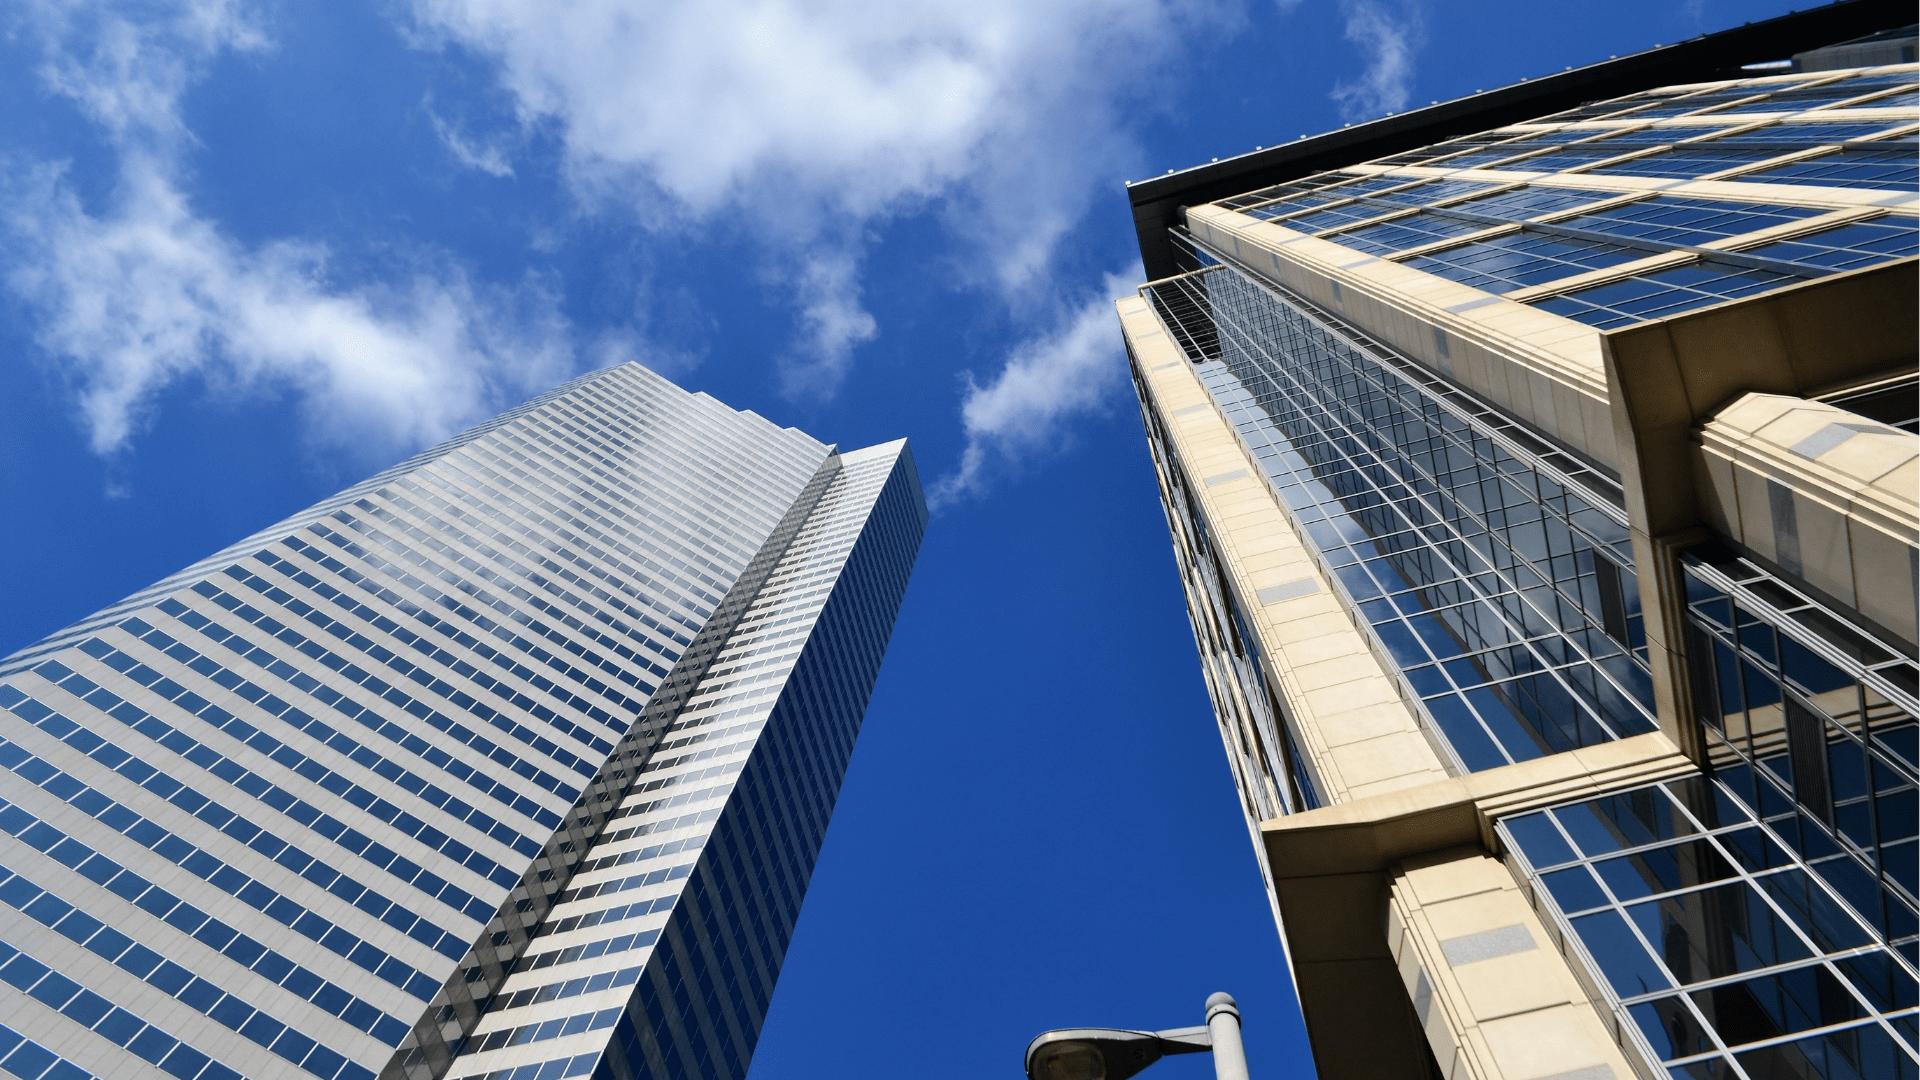 Grosvenor's Property Assessment Framework